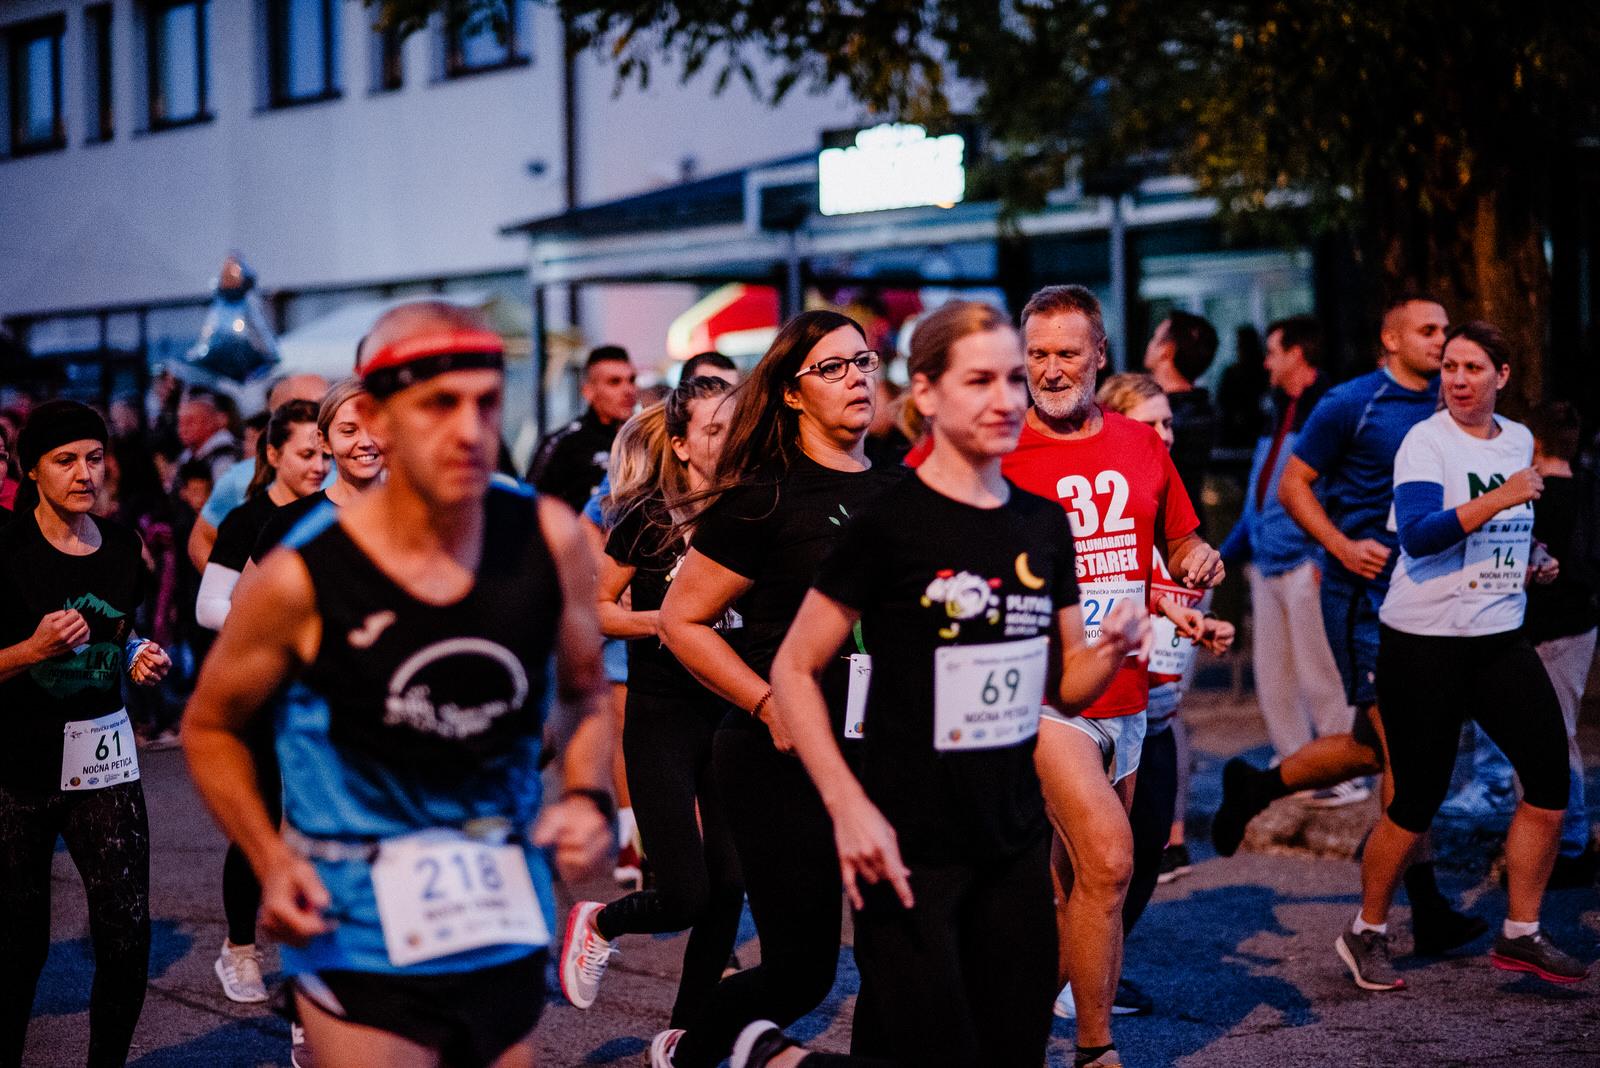 likaclub_korenica_noćna-utrka-2019-30